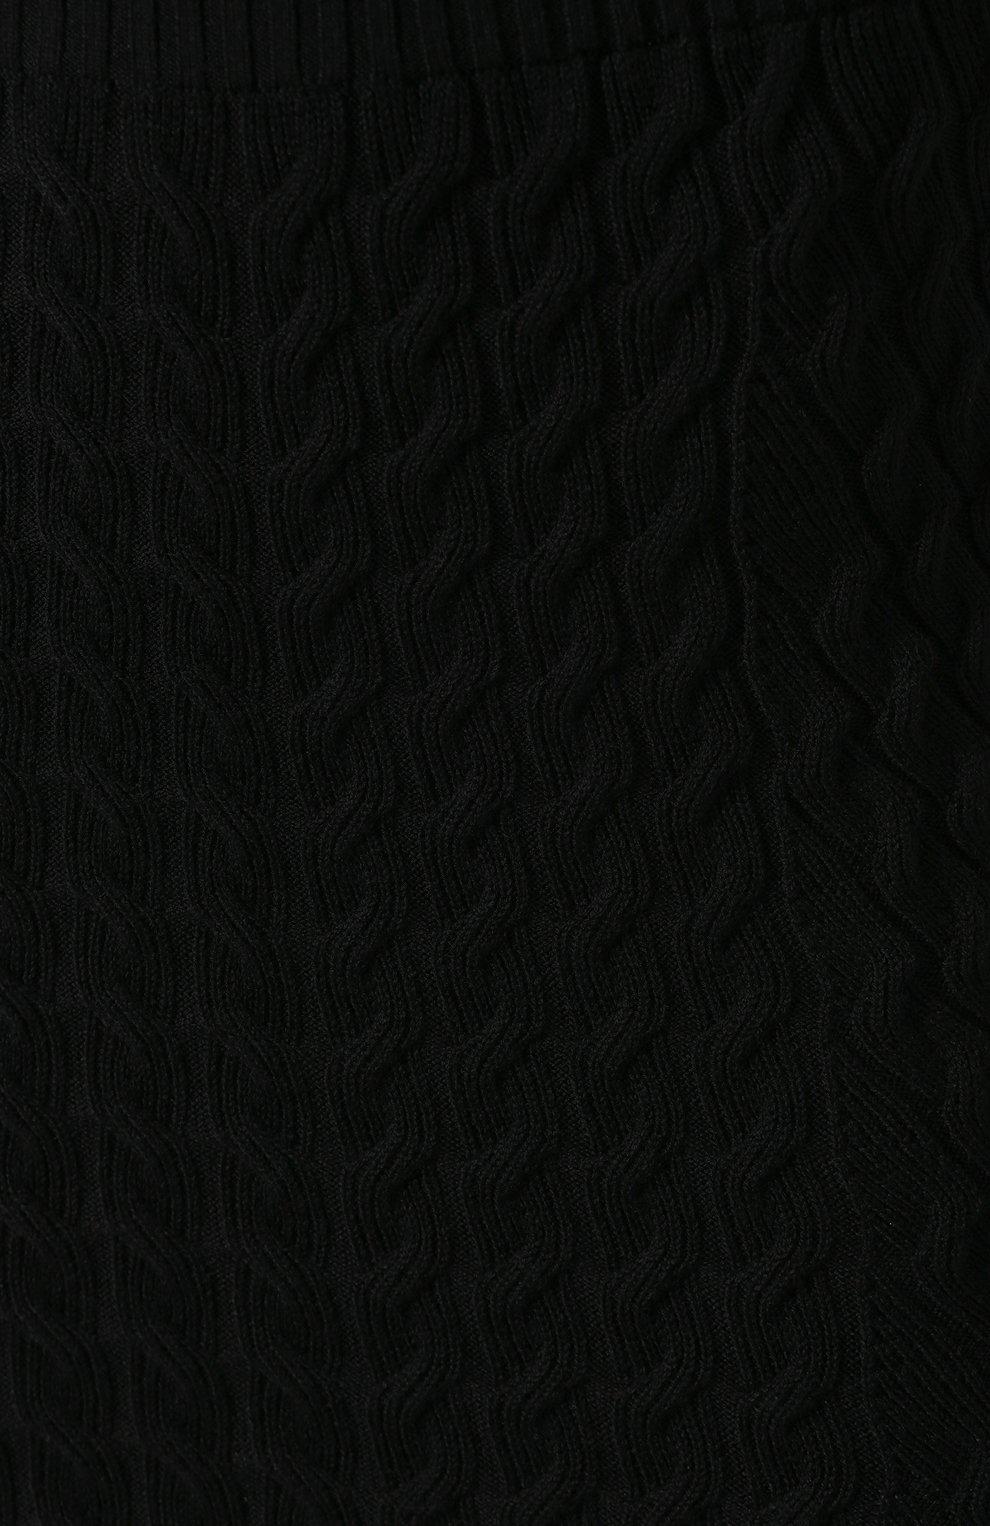 Женская шерстяная юбка ALEXANDER MCQUEEN черного цвета, арт. 585181/Q1AB2 | Фото 5